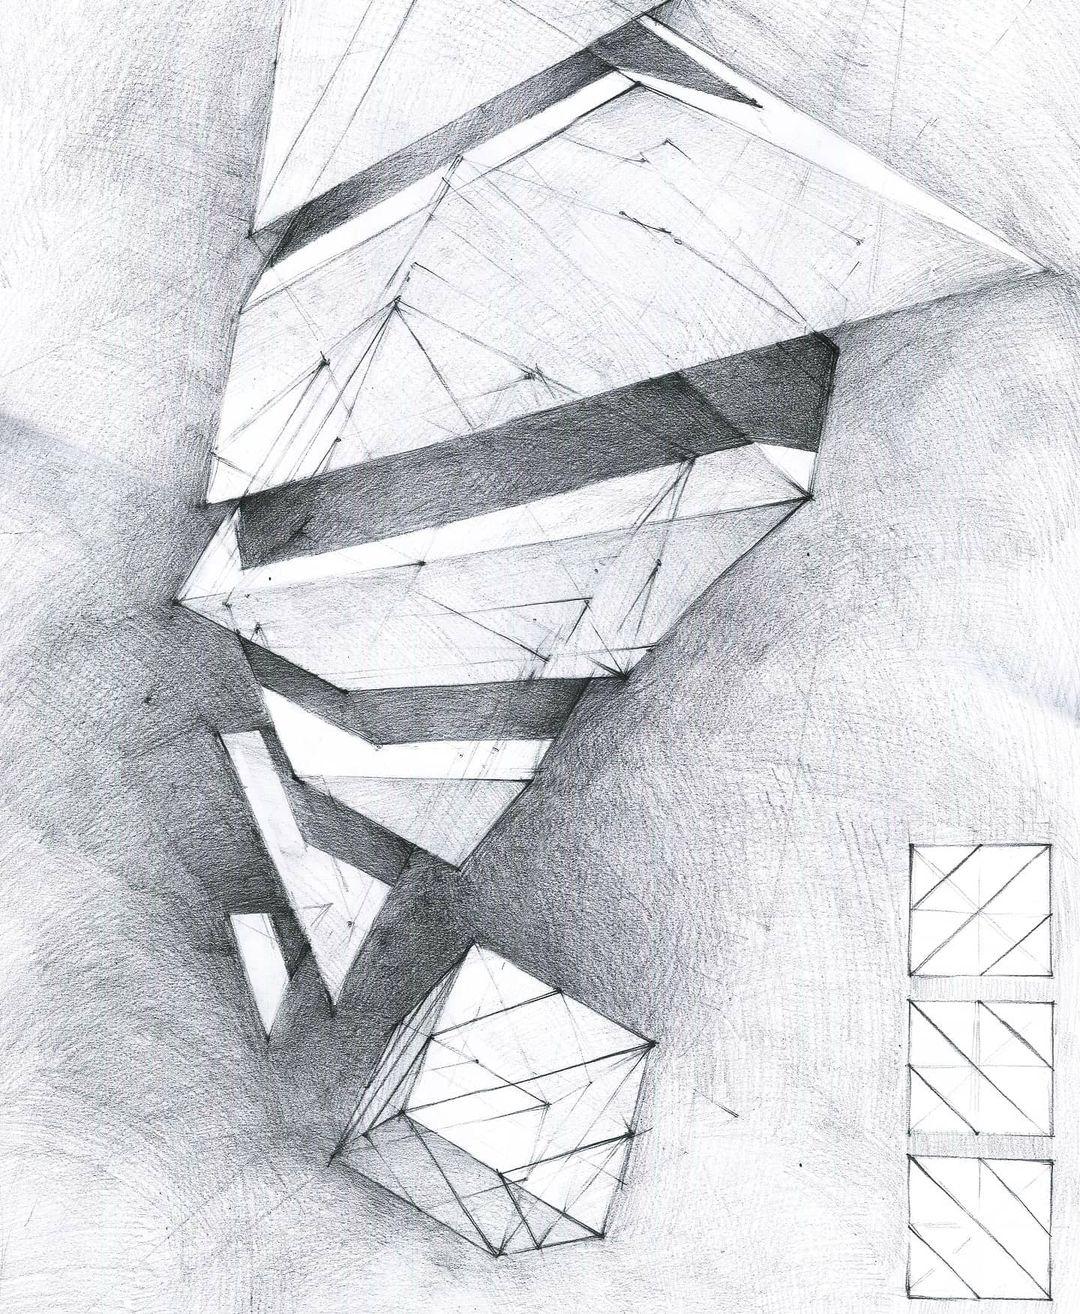 kurs na architekturę widzenie przestrzeni